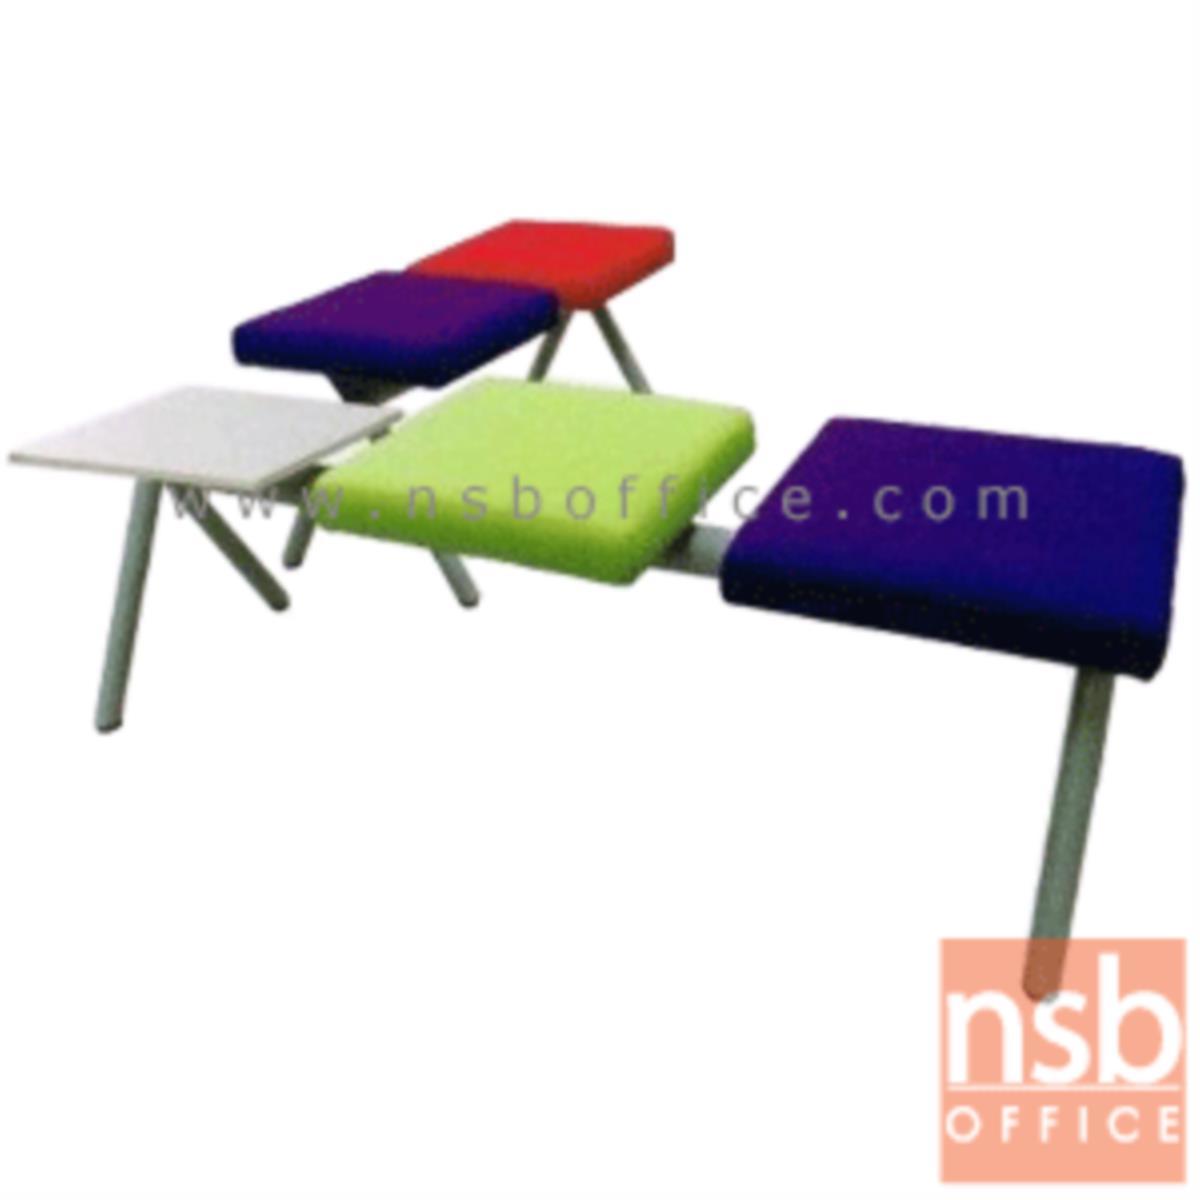 เก้าอี้นั่งคอยหุ้มหนังเทียม รุ่น Magnus (แม็กนัส) 2 ,3 ที่นั่ง ขนาด 91W ,141W cm. ไม่มีพนักพิง ขาเหล็ก